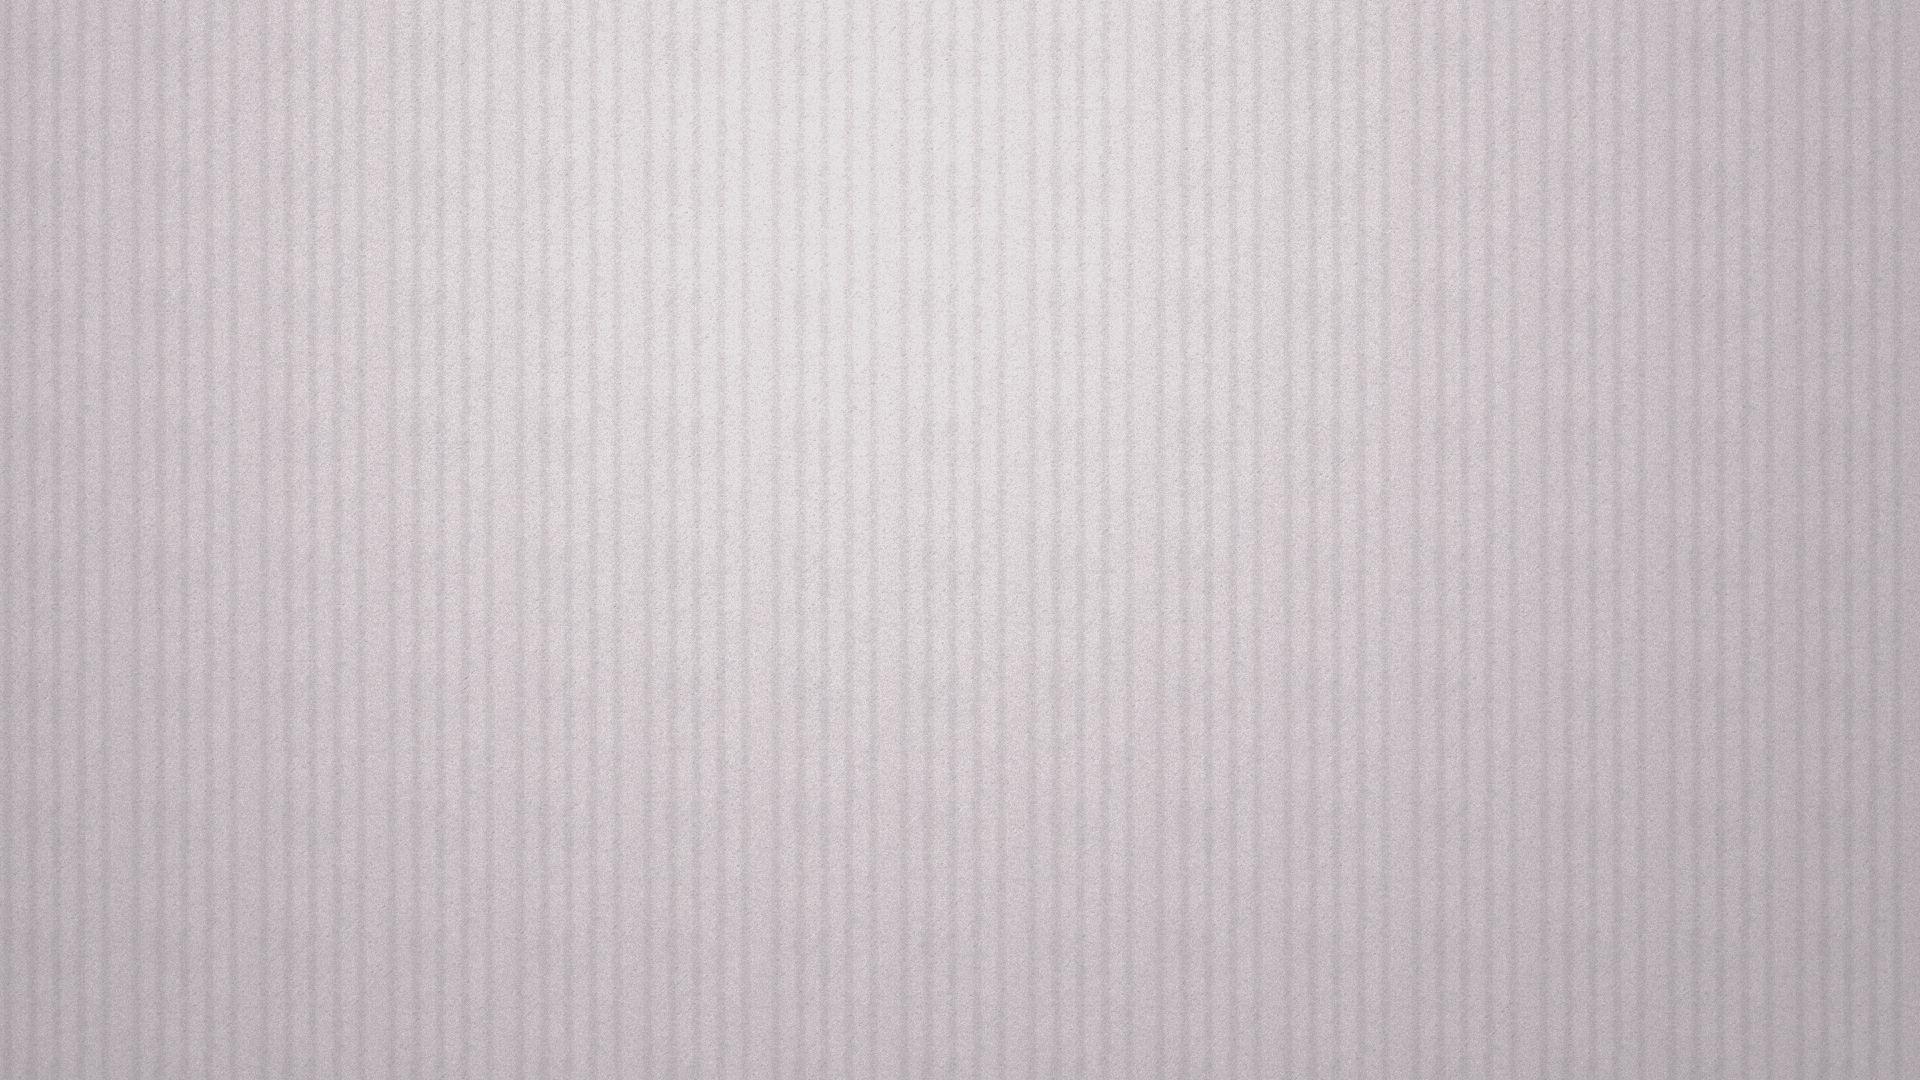 Off White free hd wallpaper